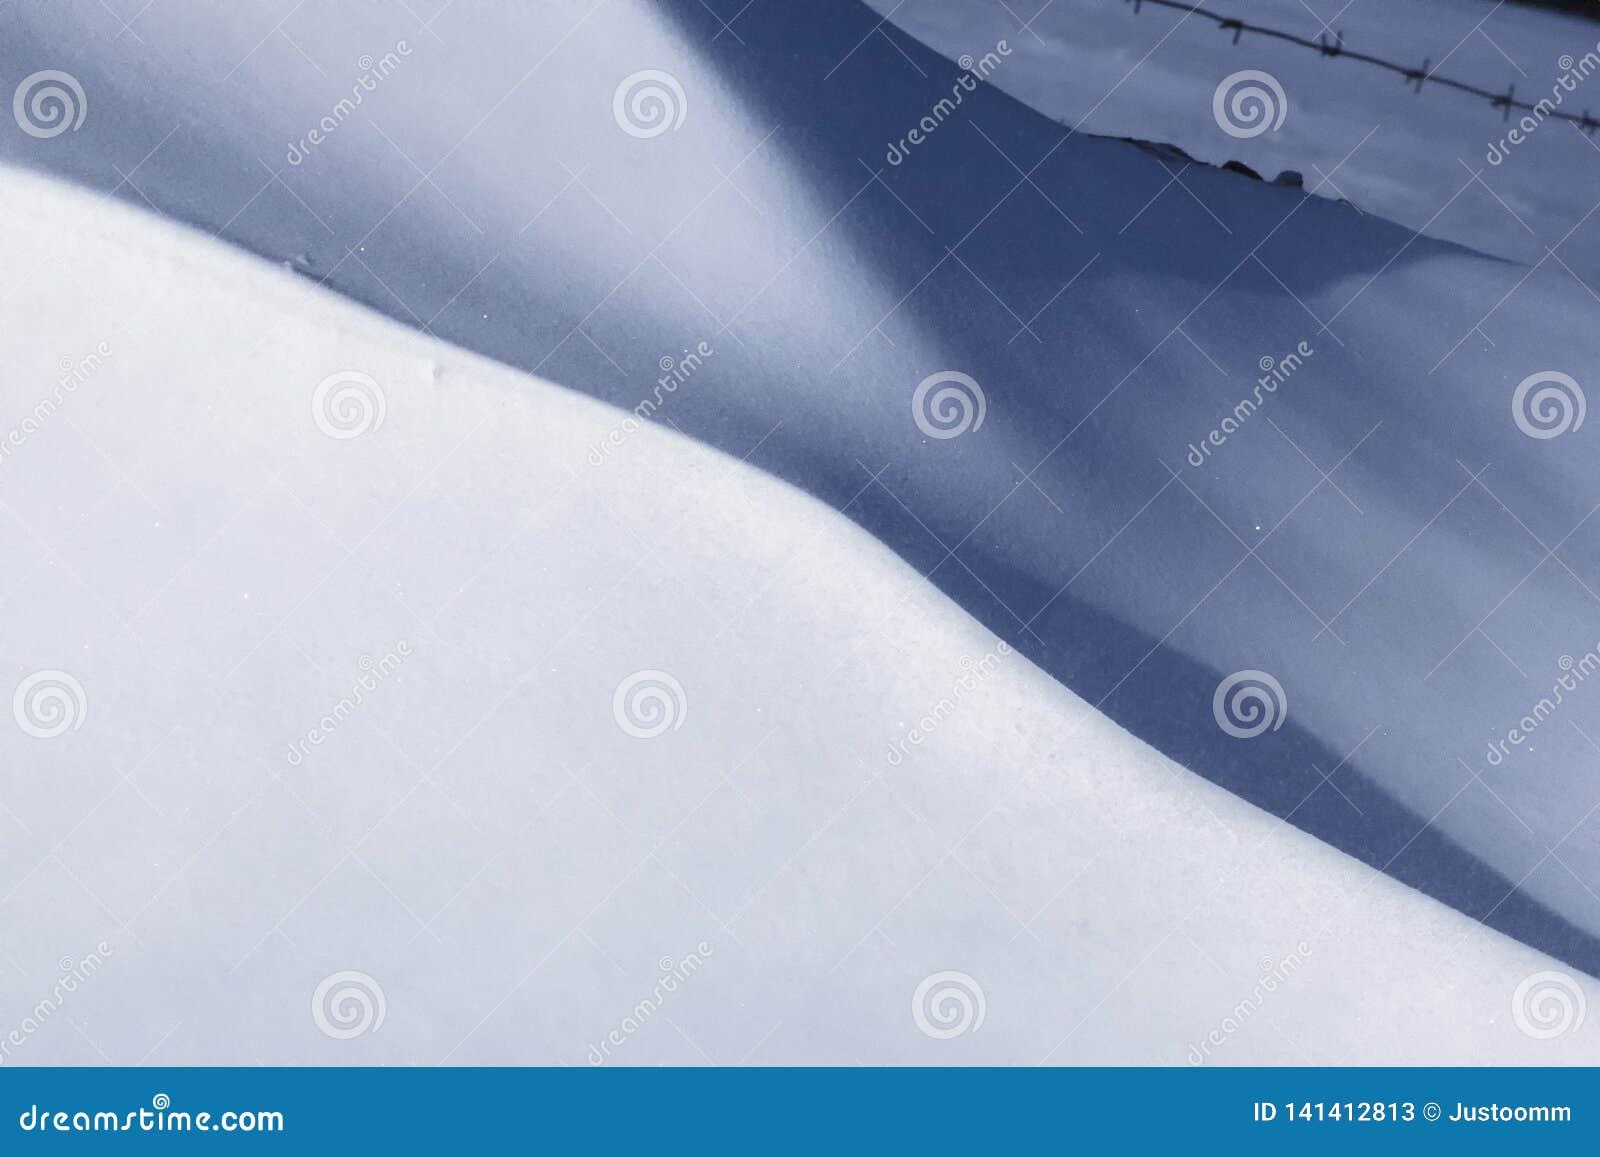 Snowy-Ebenen nach Windbiegungslinien Hintergrund